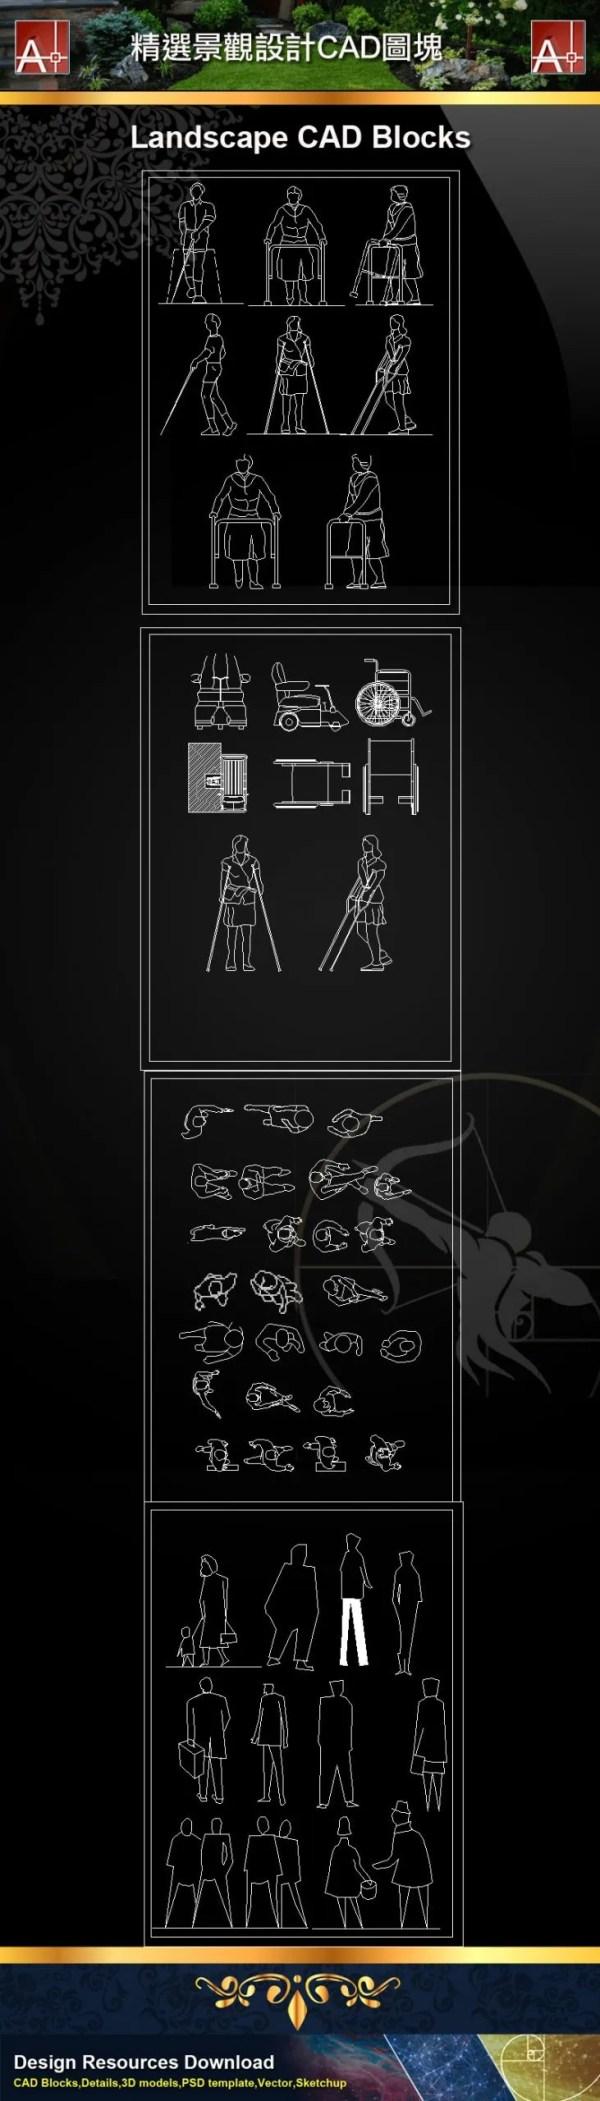 【精選景觀工程CAD圖塊】各類型人物男人女人小孩CAD平立面圖庫